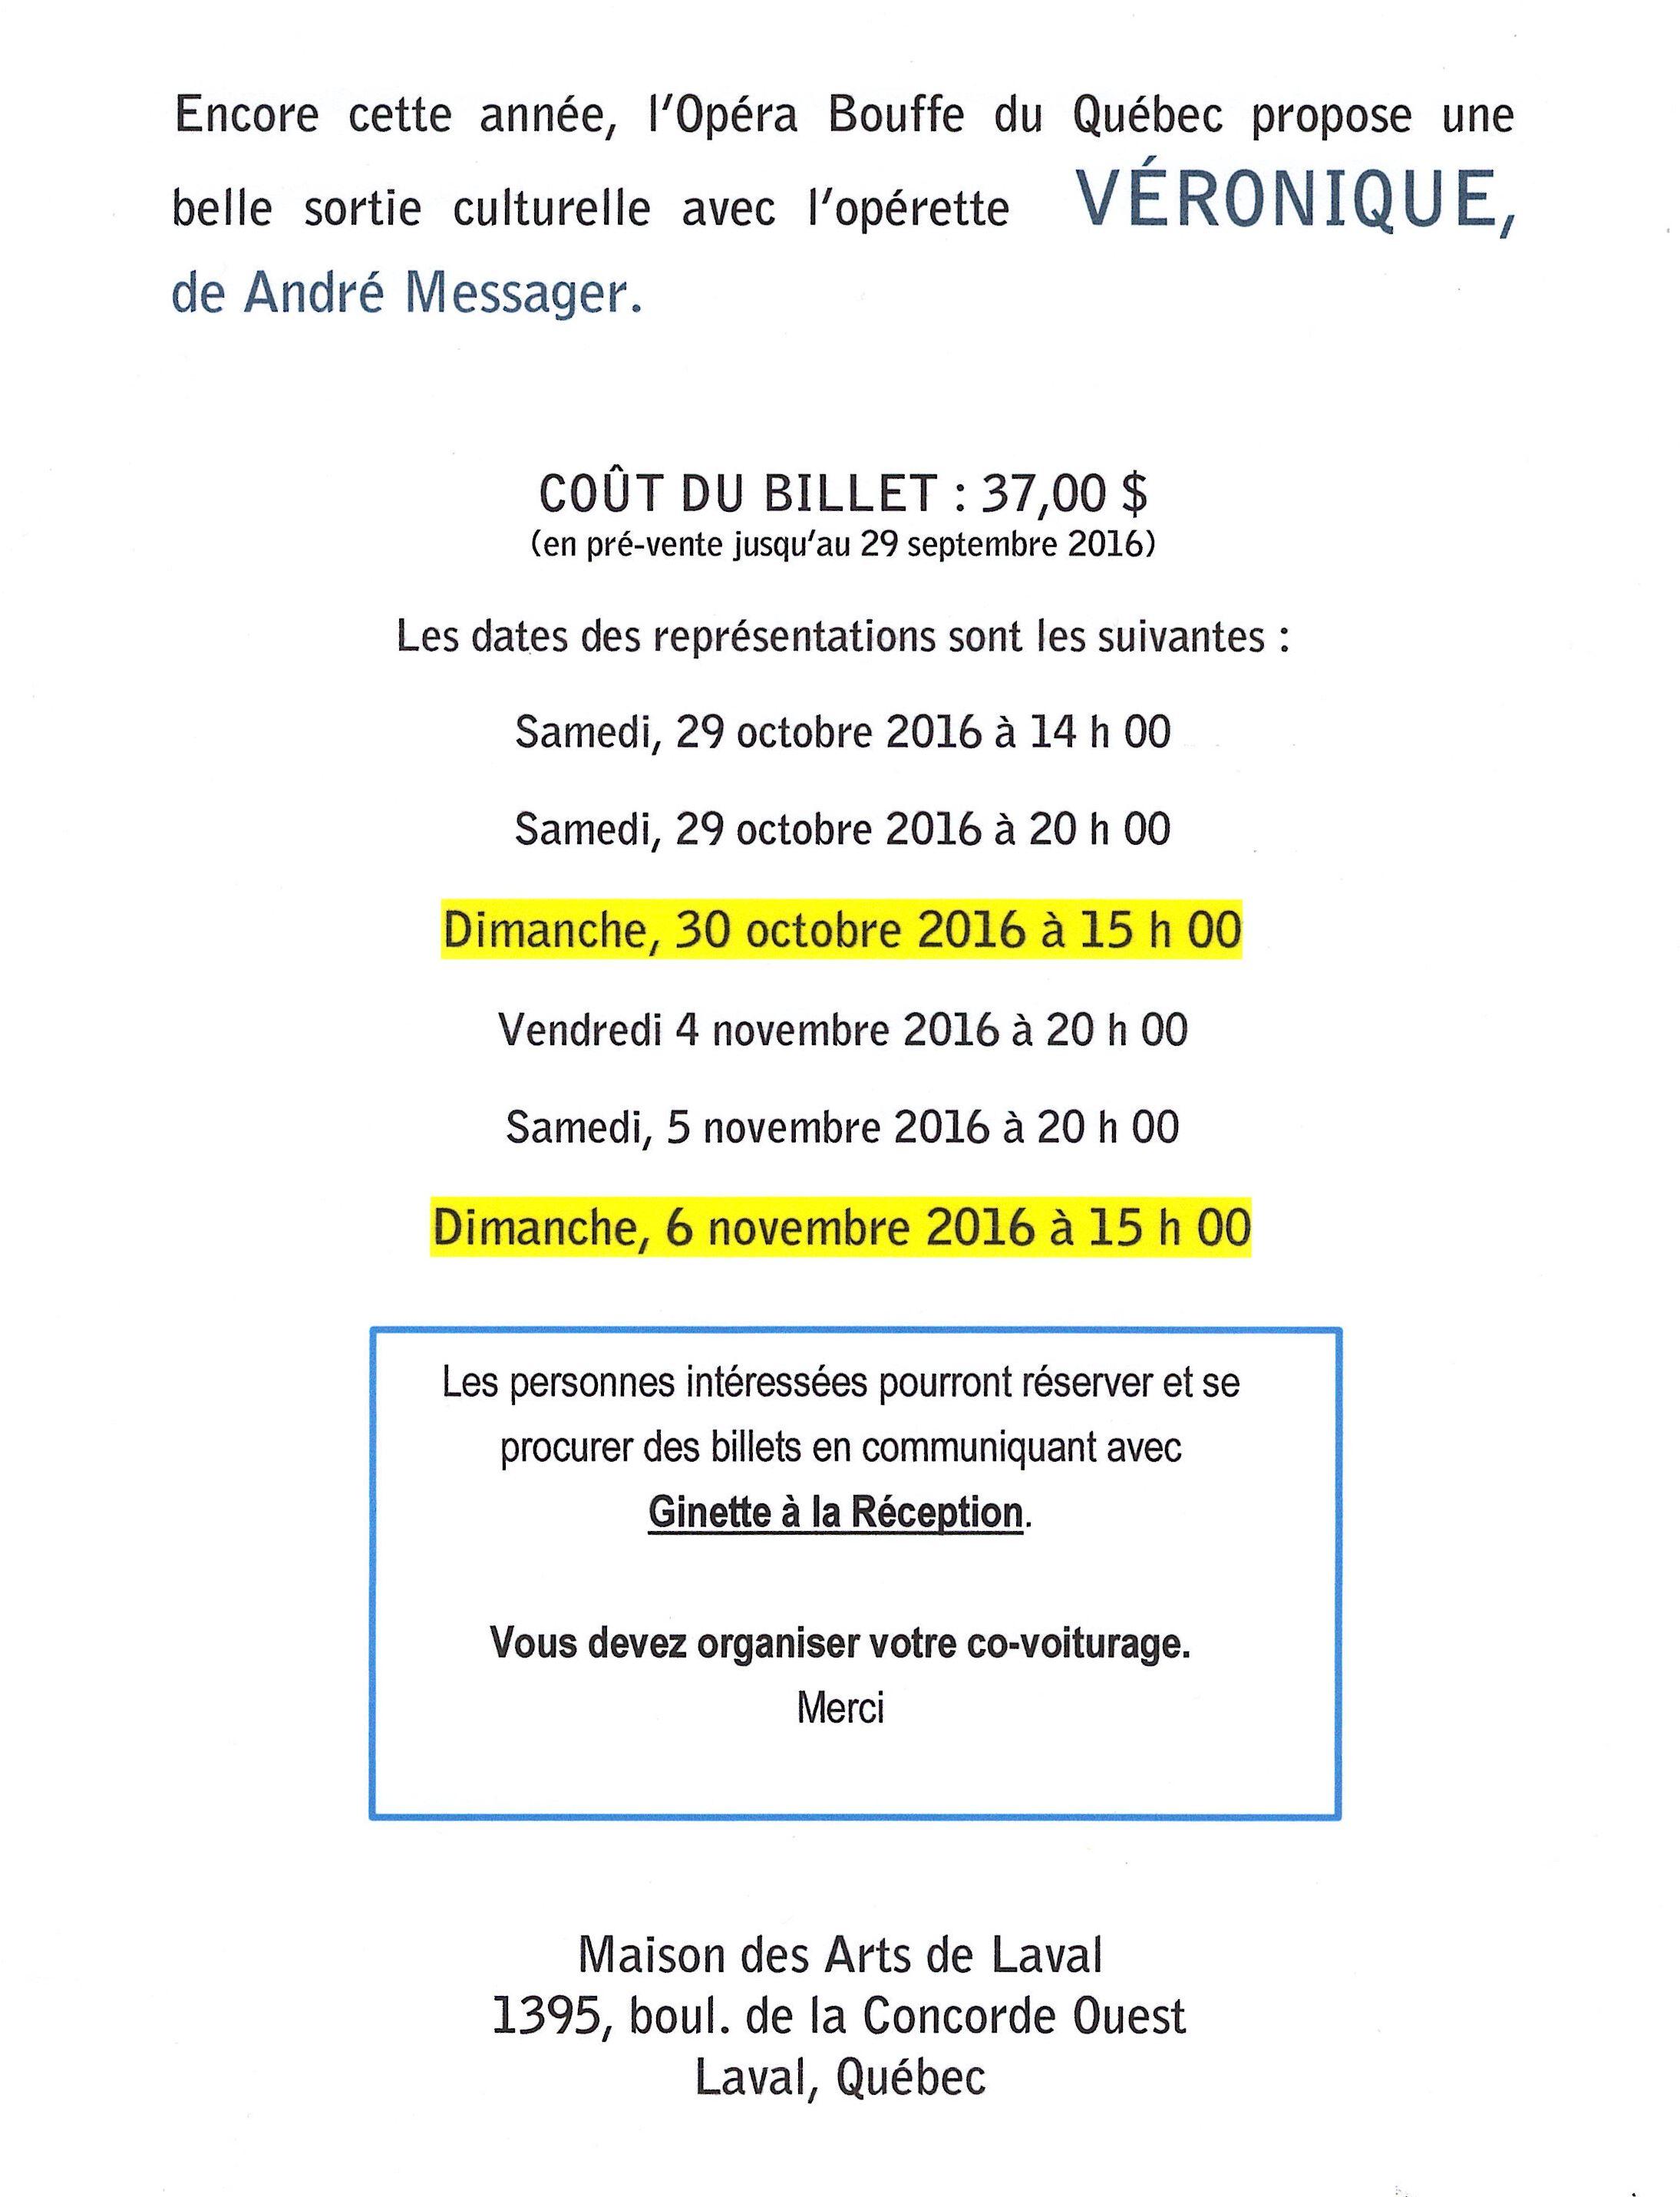 Opérette - Véronique_2016